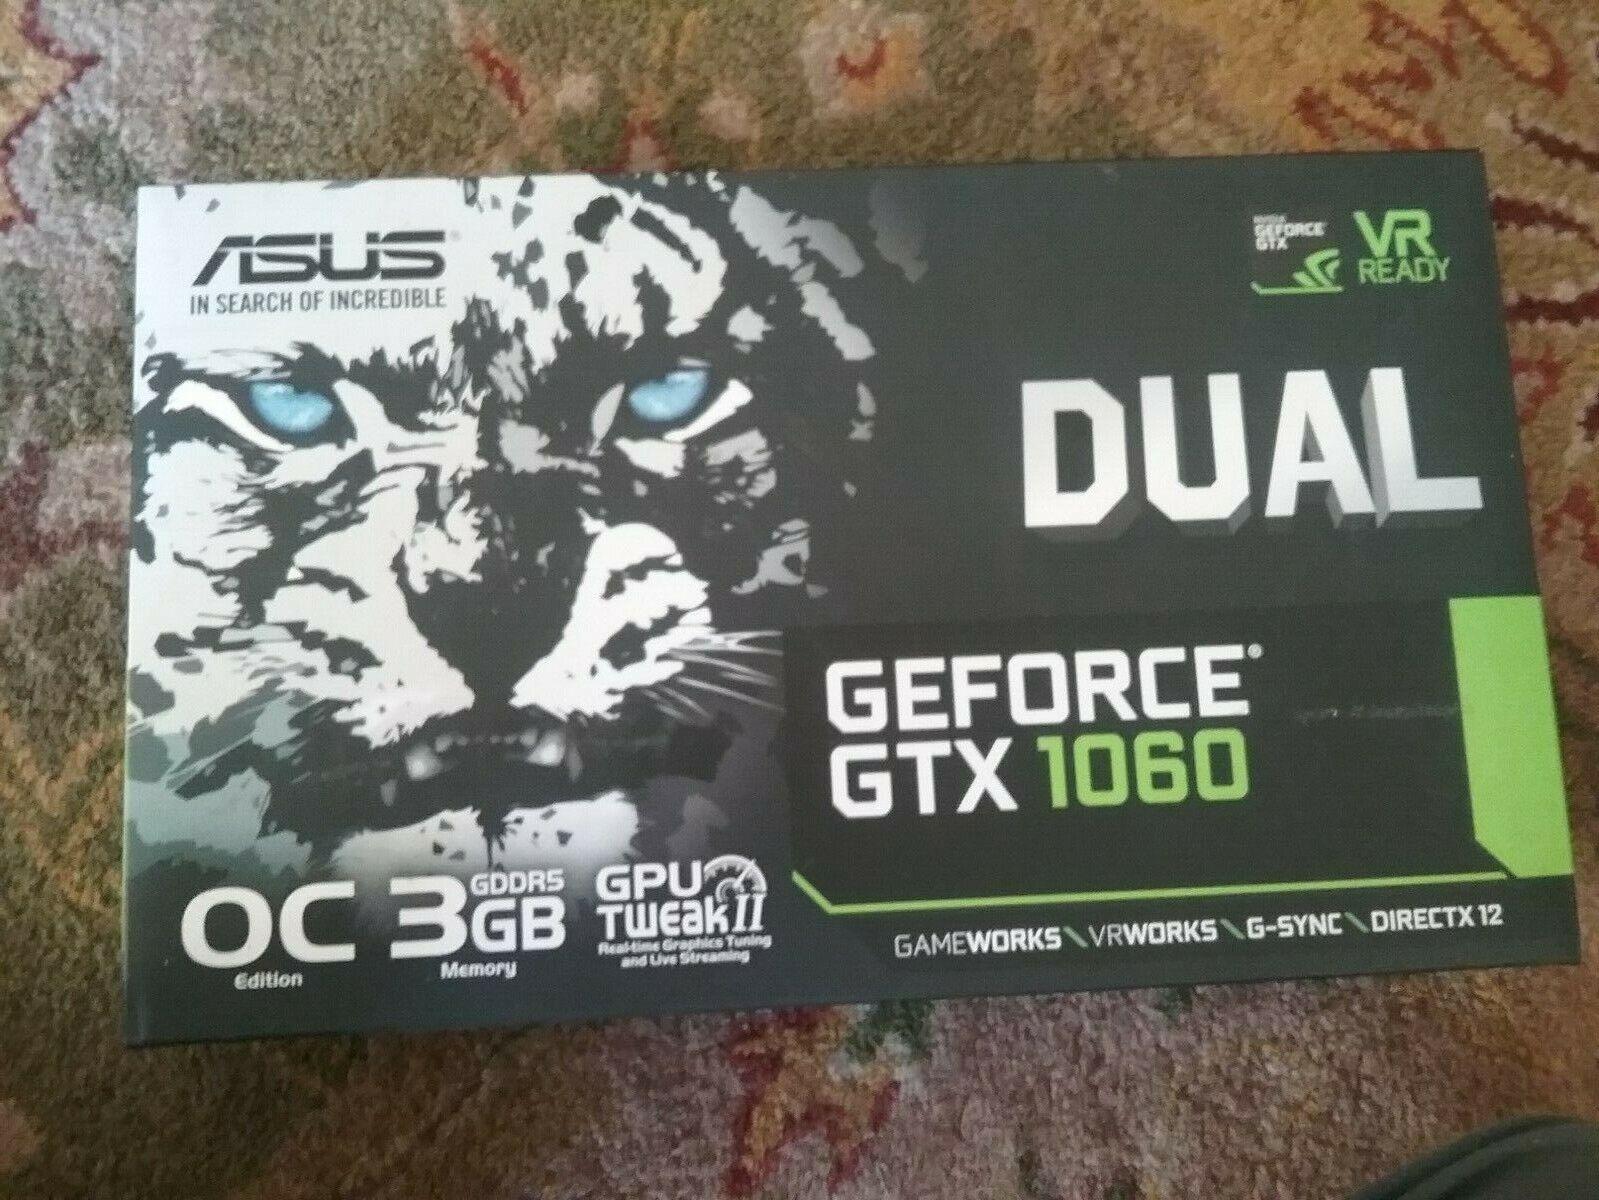 ASUS DUAL Geforce GTX 1060 3gb OC VR ready GDDR5 GPU FREE US shipping